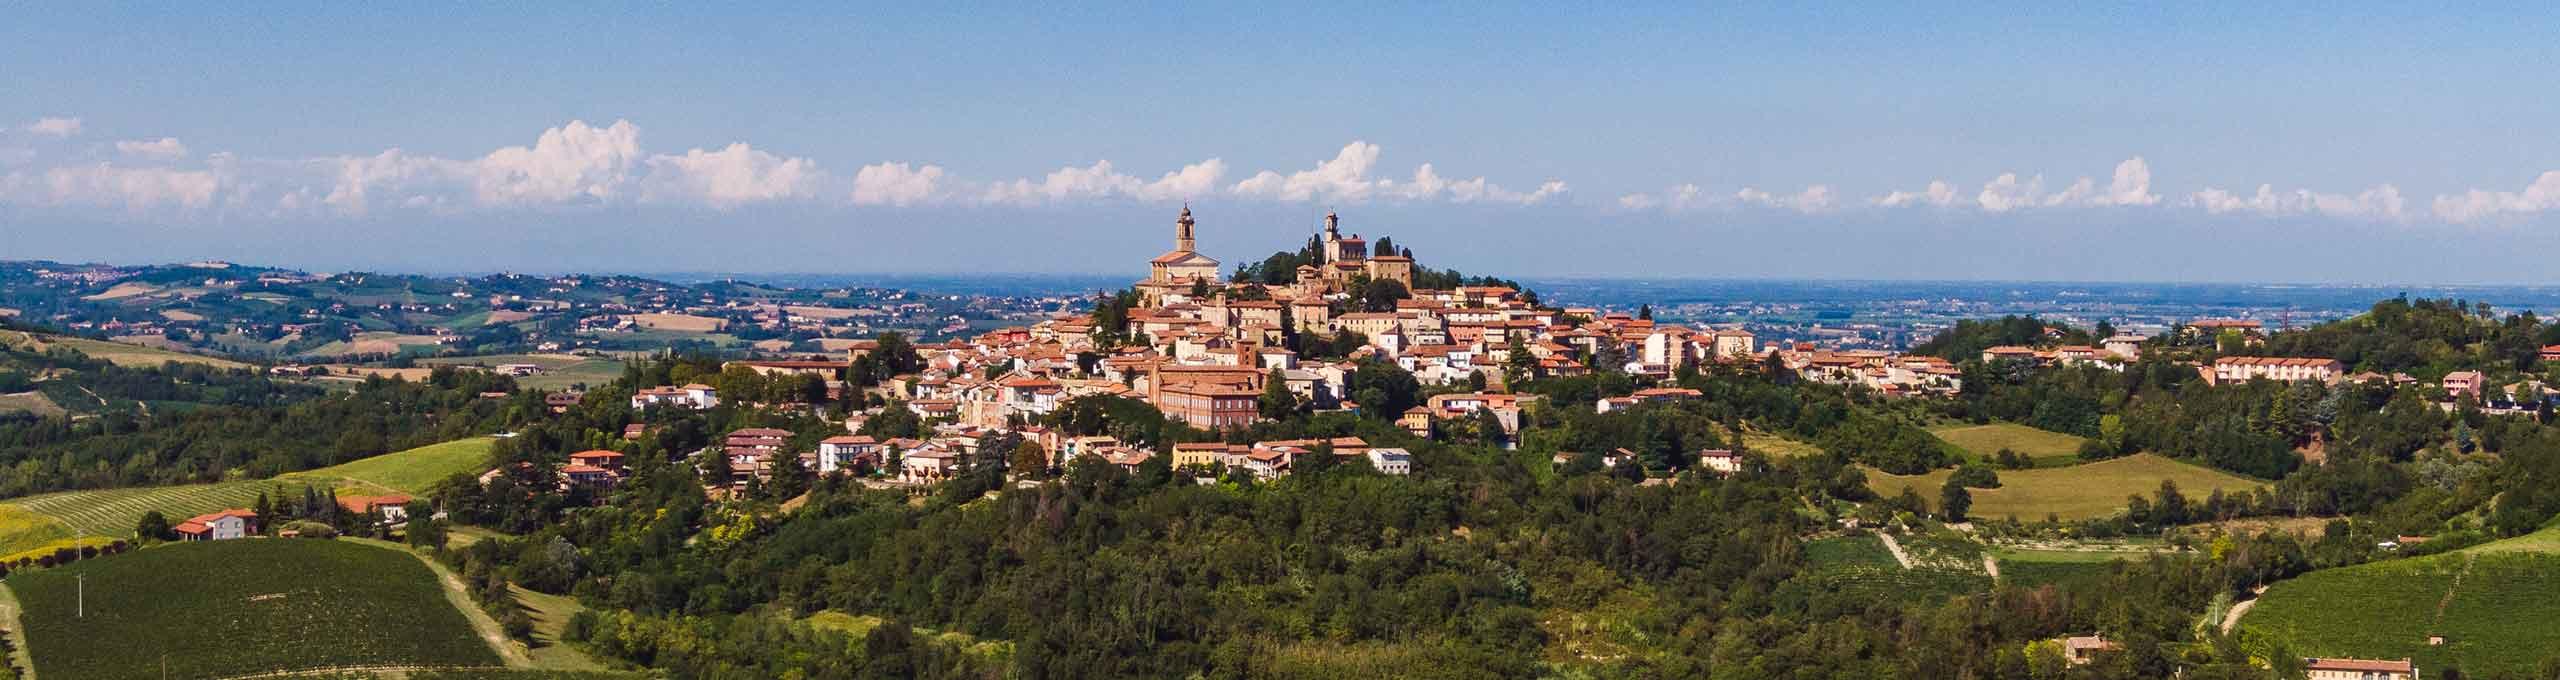 Vignale, basso Monferrato, sito Unesco